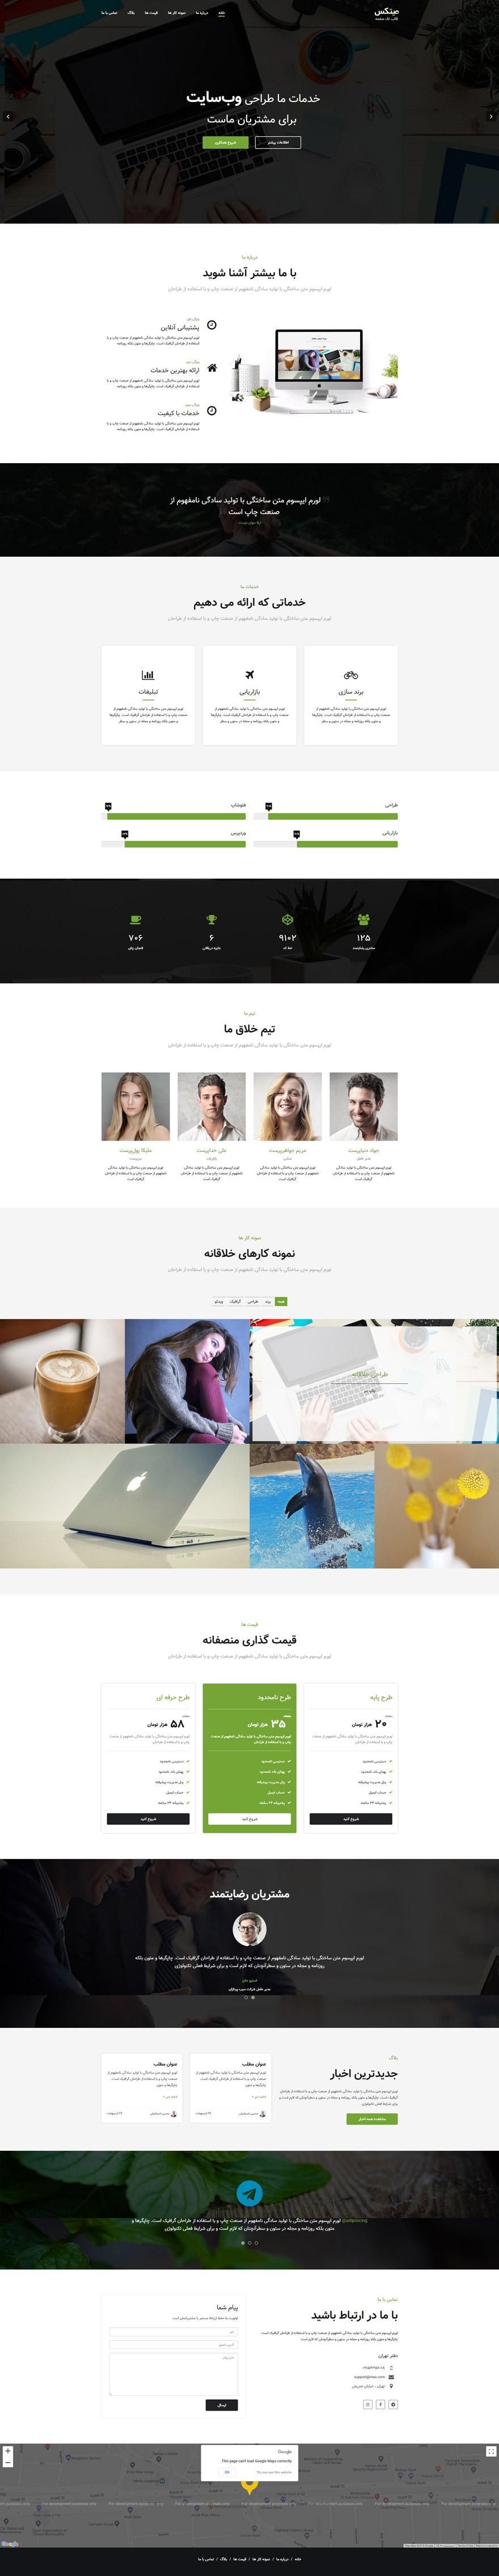 طراحی سایت خدمات موبایل